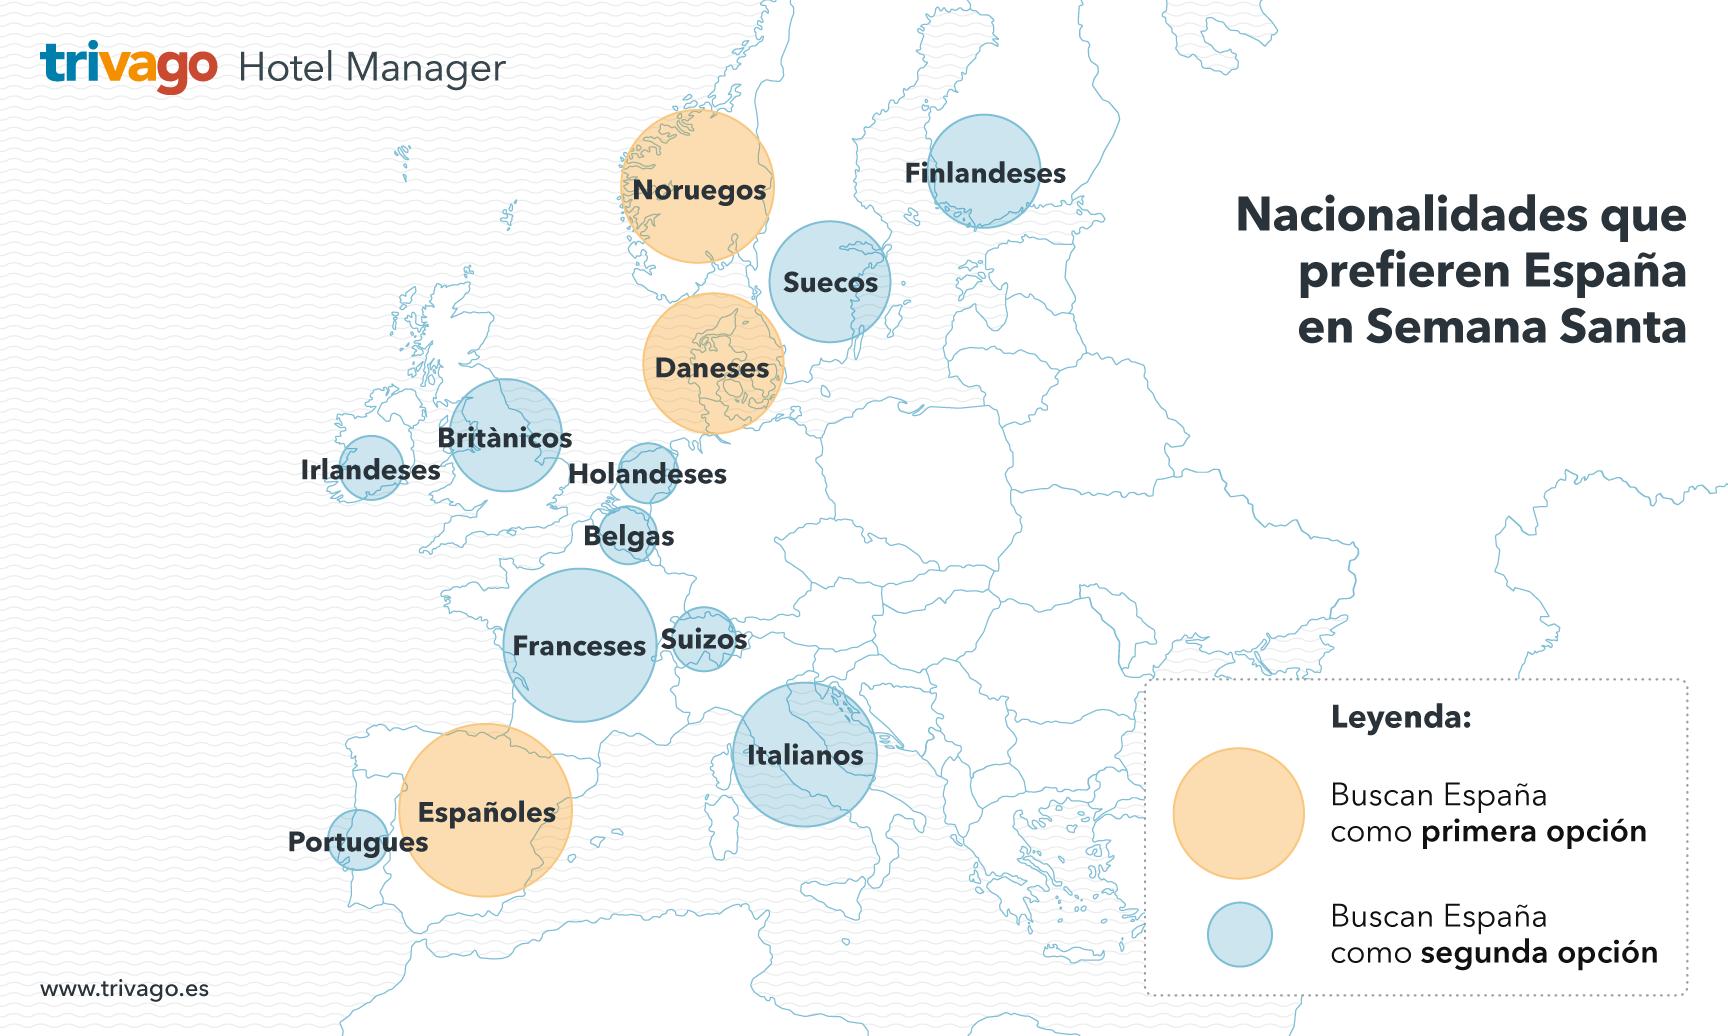 Mapa con las nacionalidades que prefieren España